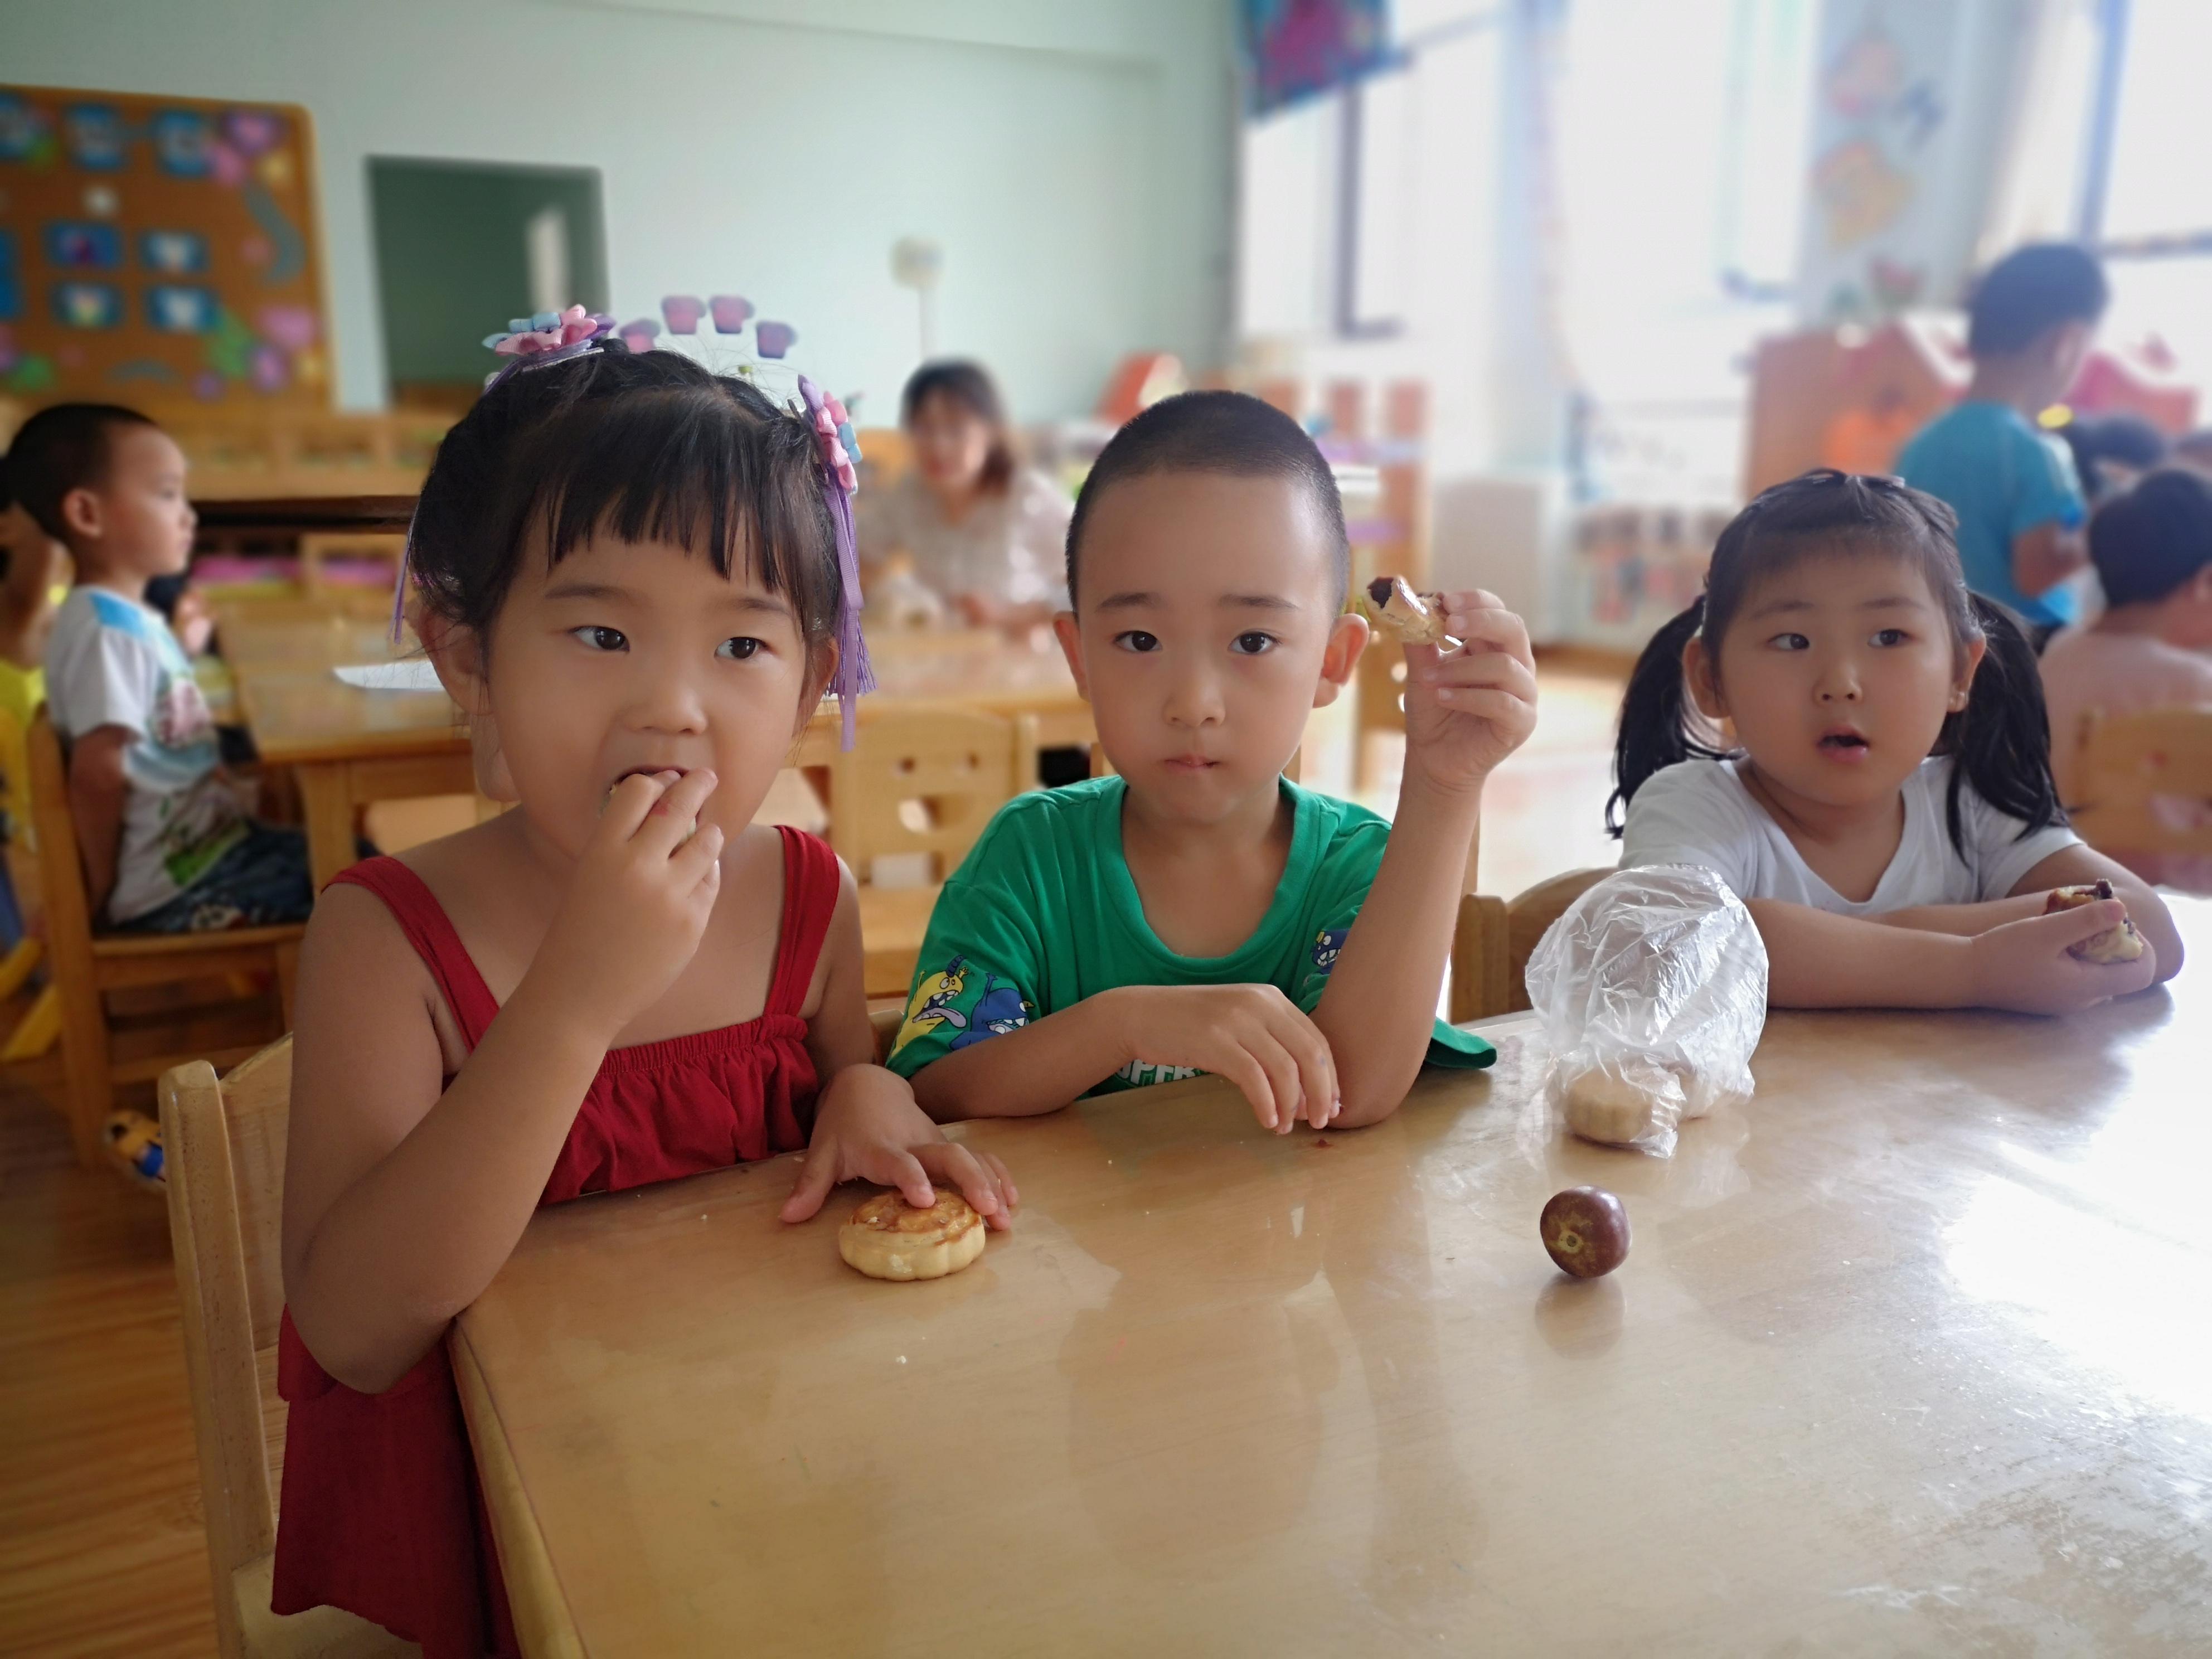 威海荣成市桃园街道中心幼儿园携手社区、家长共庆仲秋节